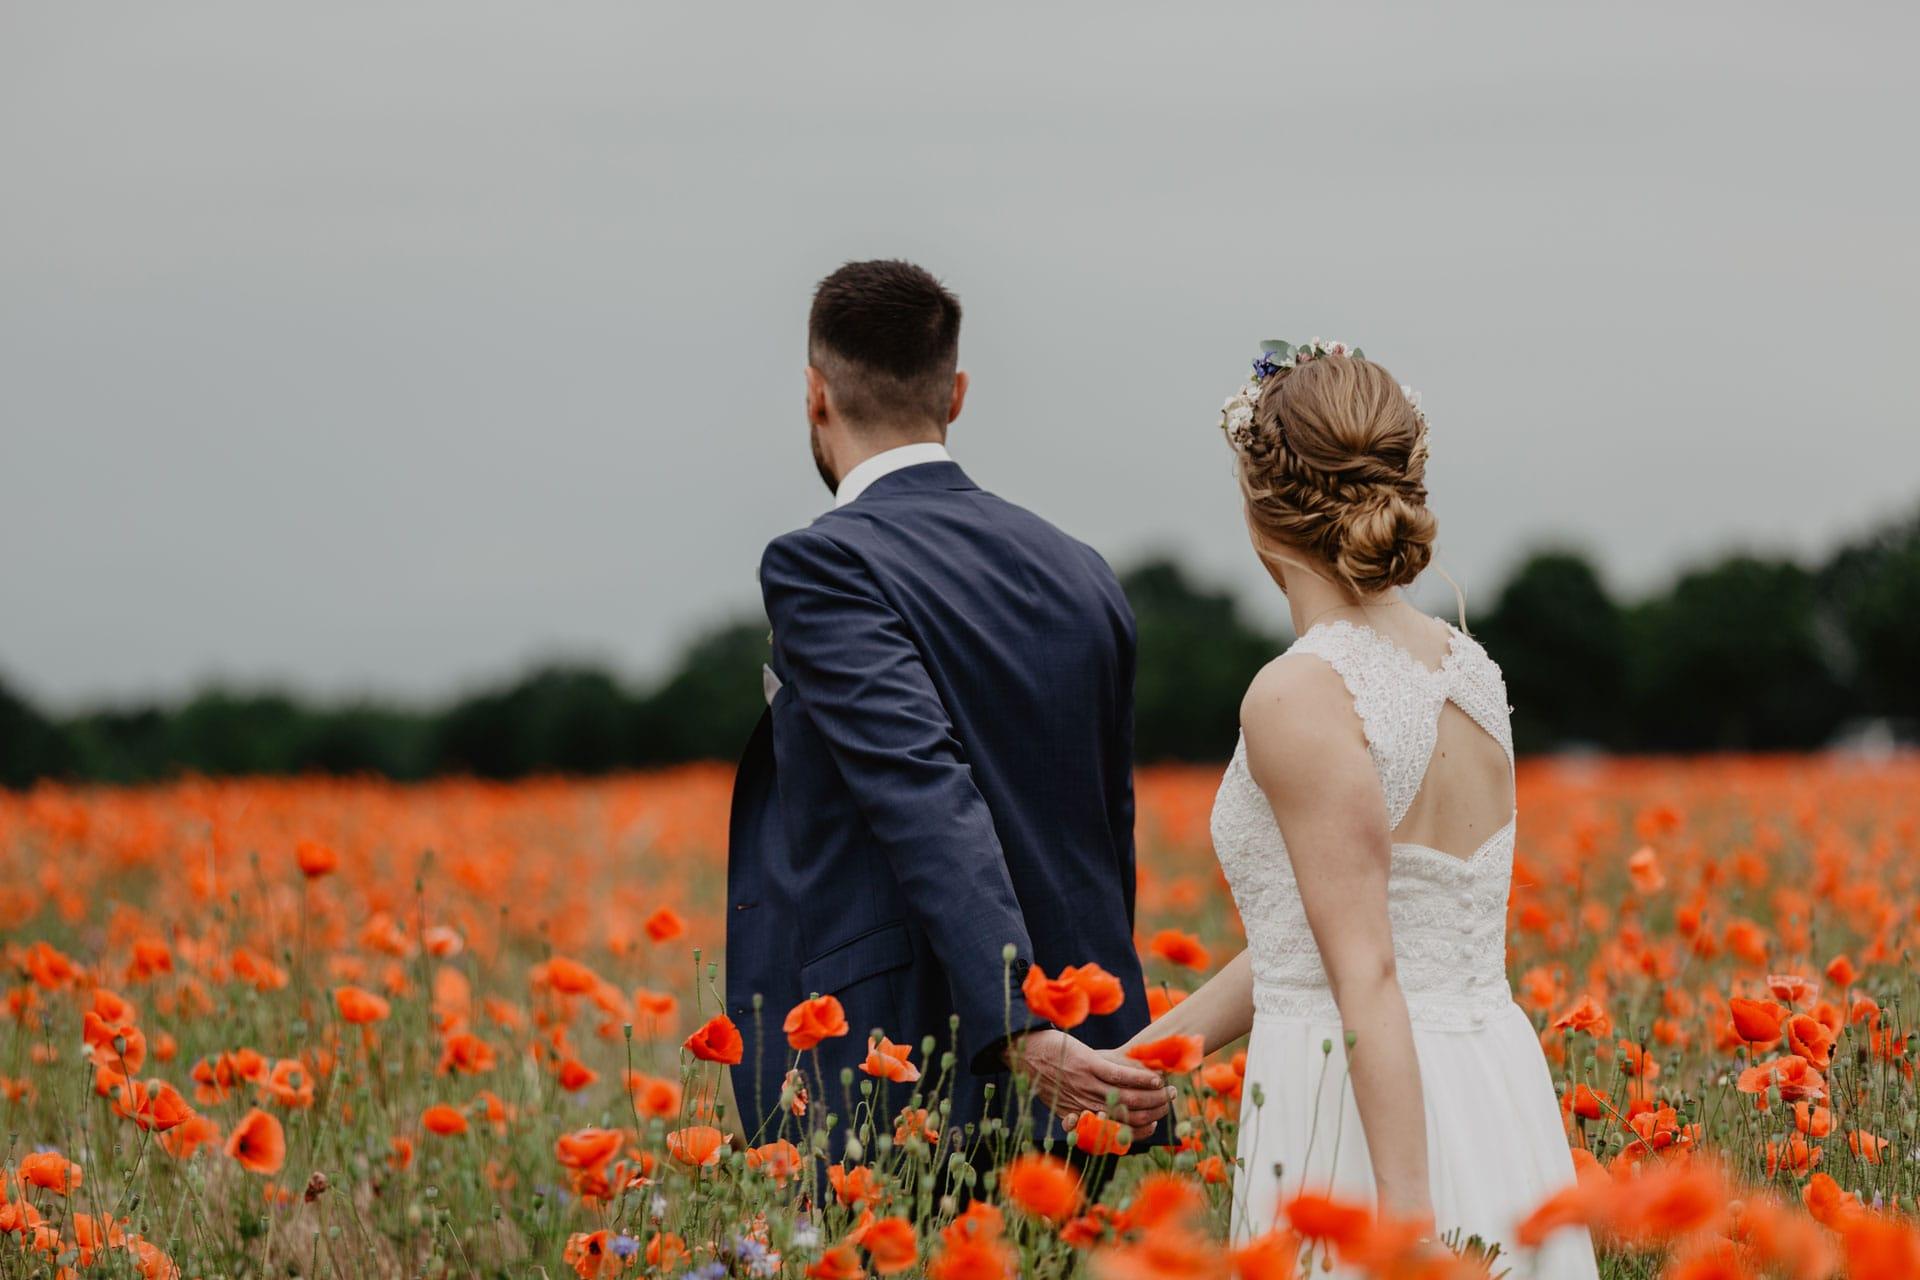 Brautpaar Fotoshooting in einem Mohnfeld bei Berlin